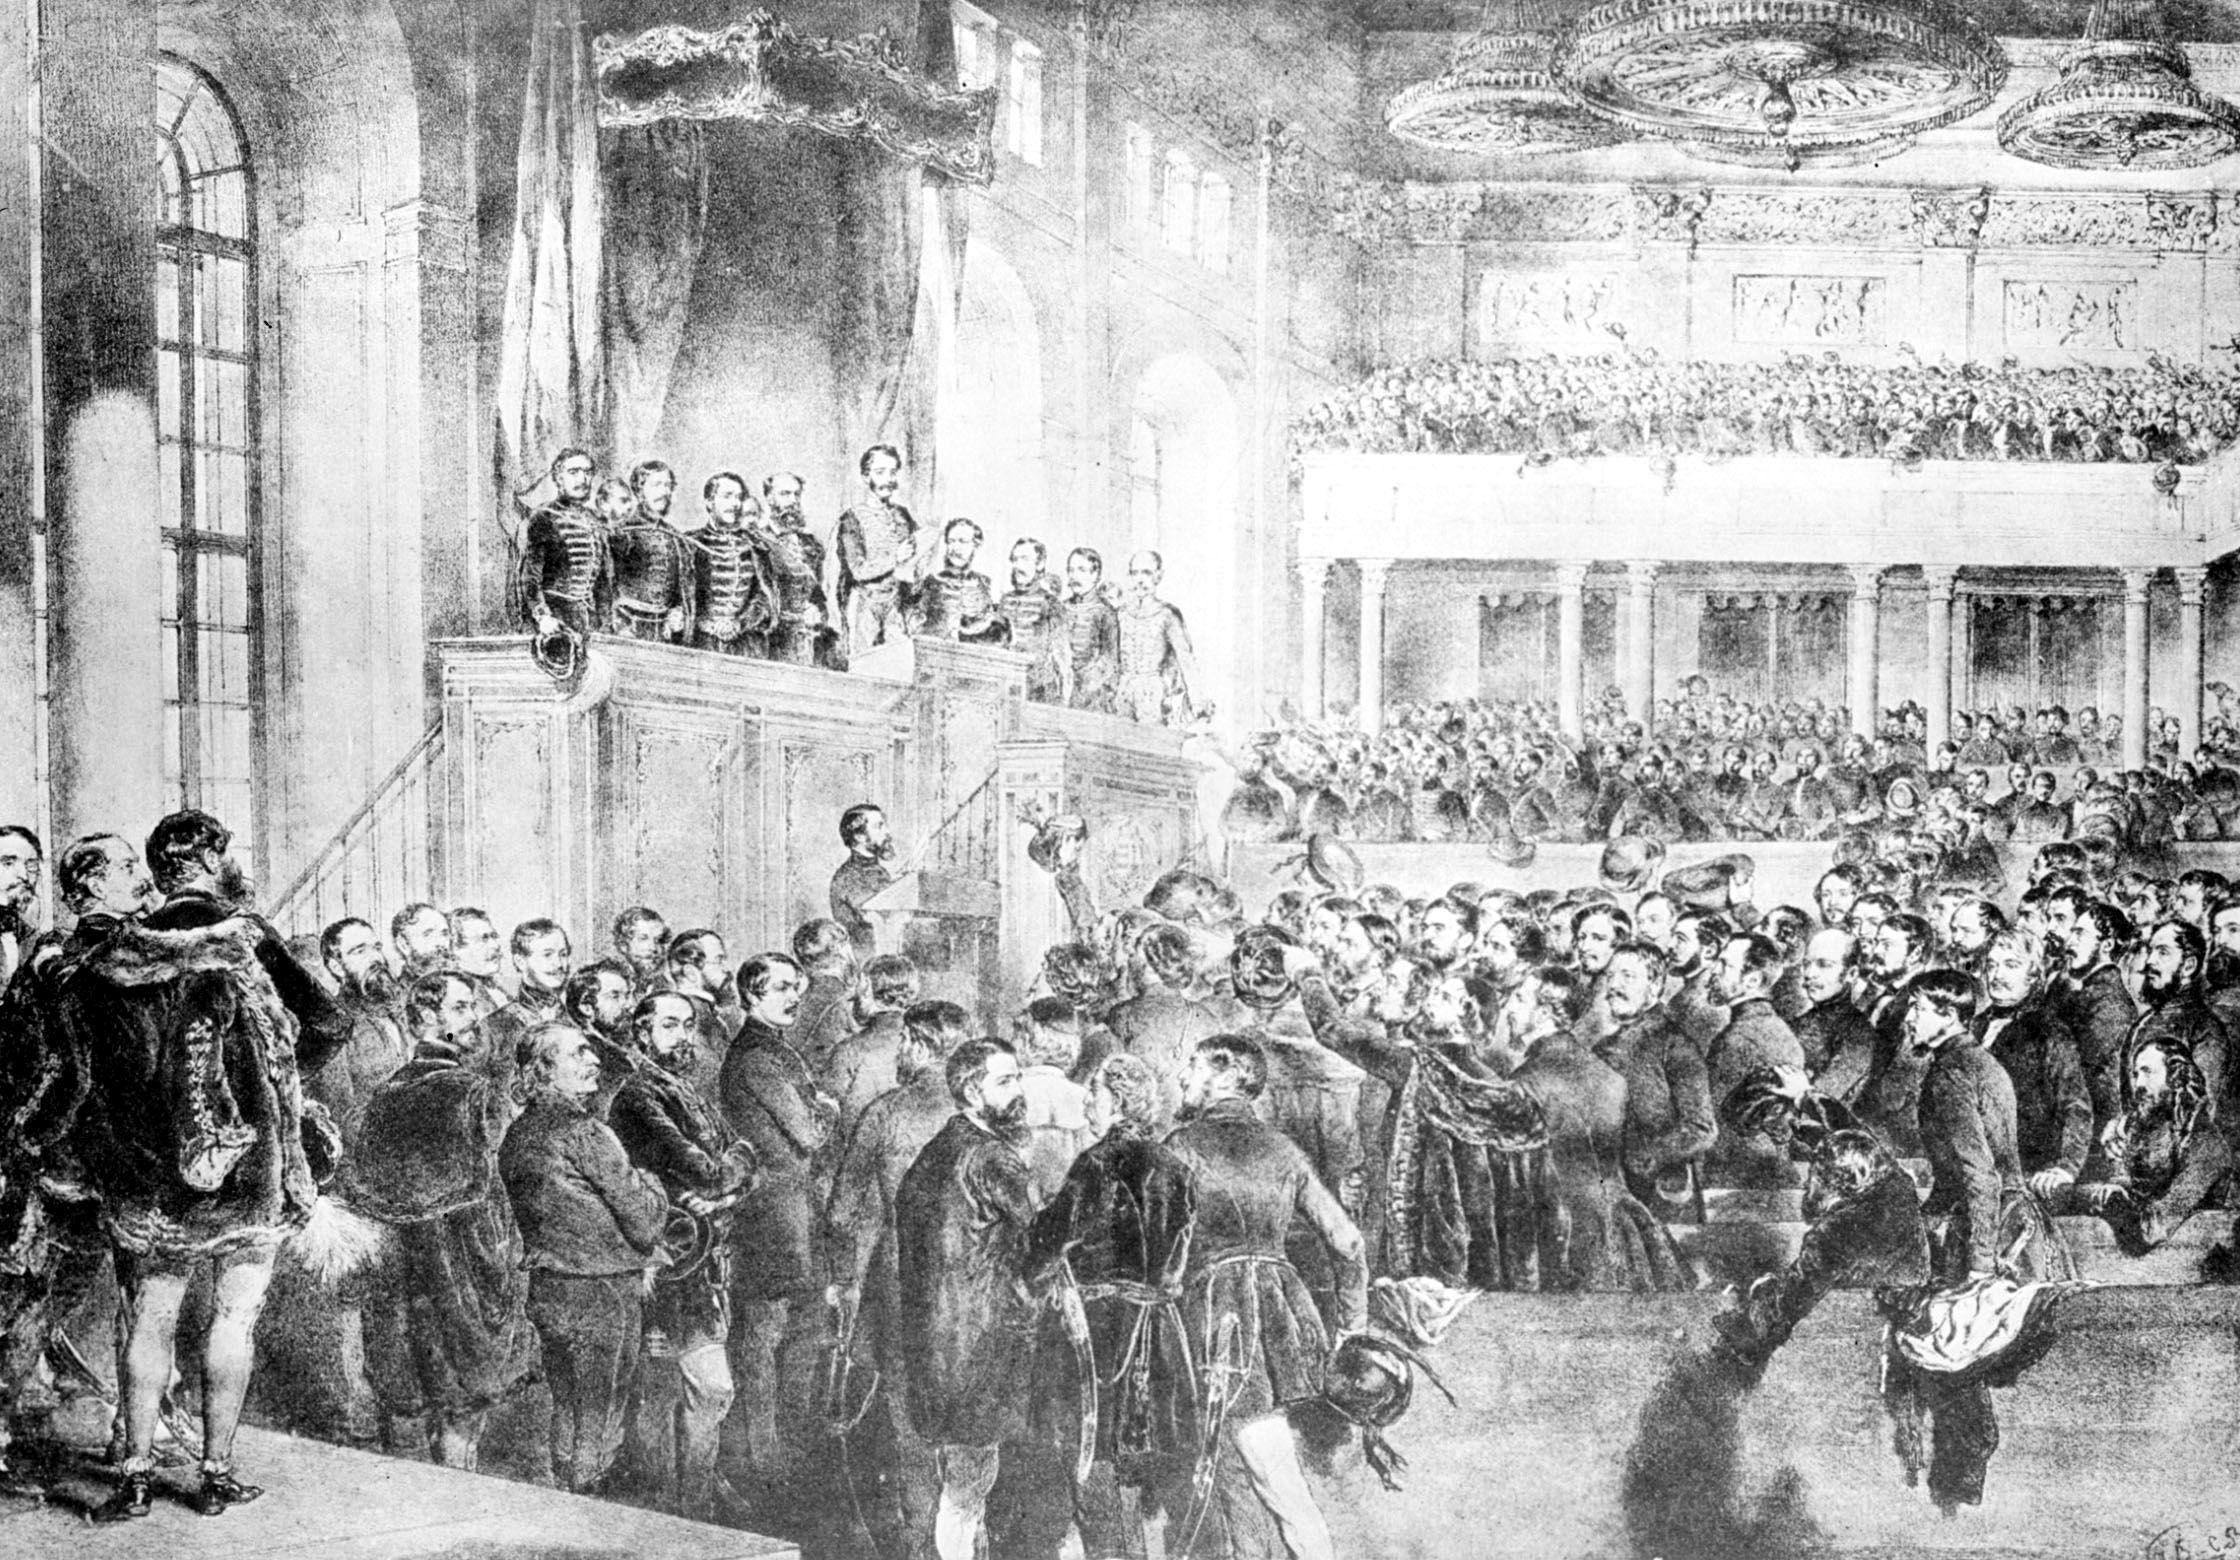 A képen: az 1848-as országgyűlés megnyitása - korabeli metszet. Az első népképviseleti országgyűlés 1848. július 5-én ült össze.